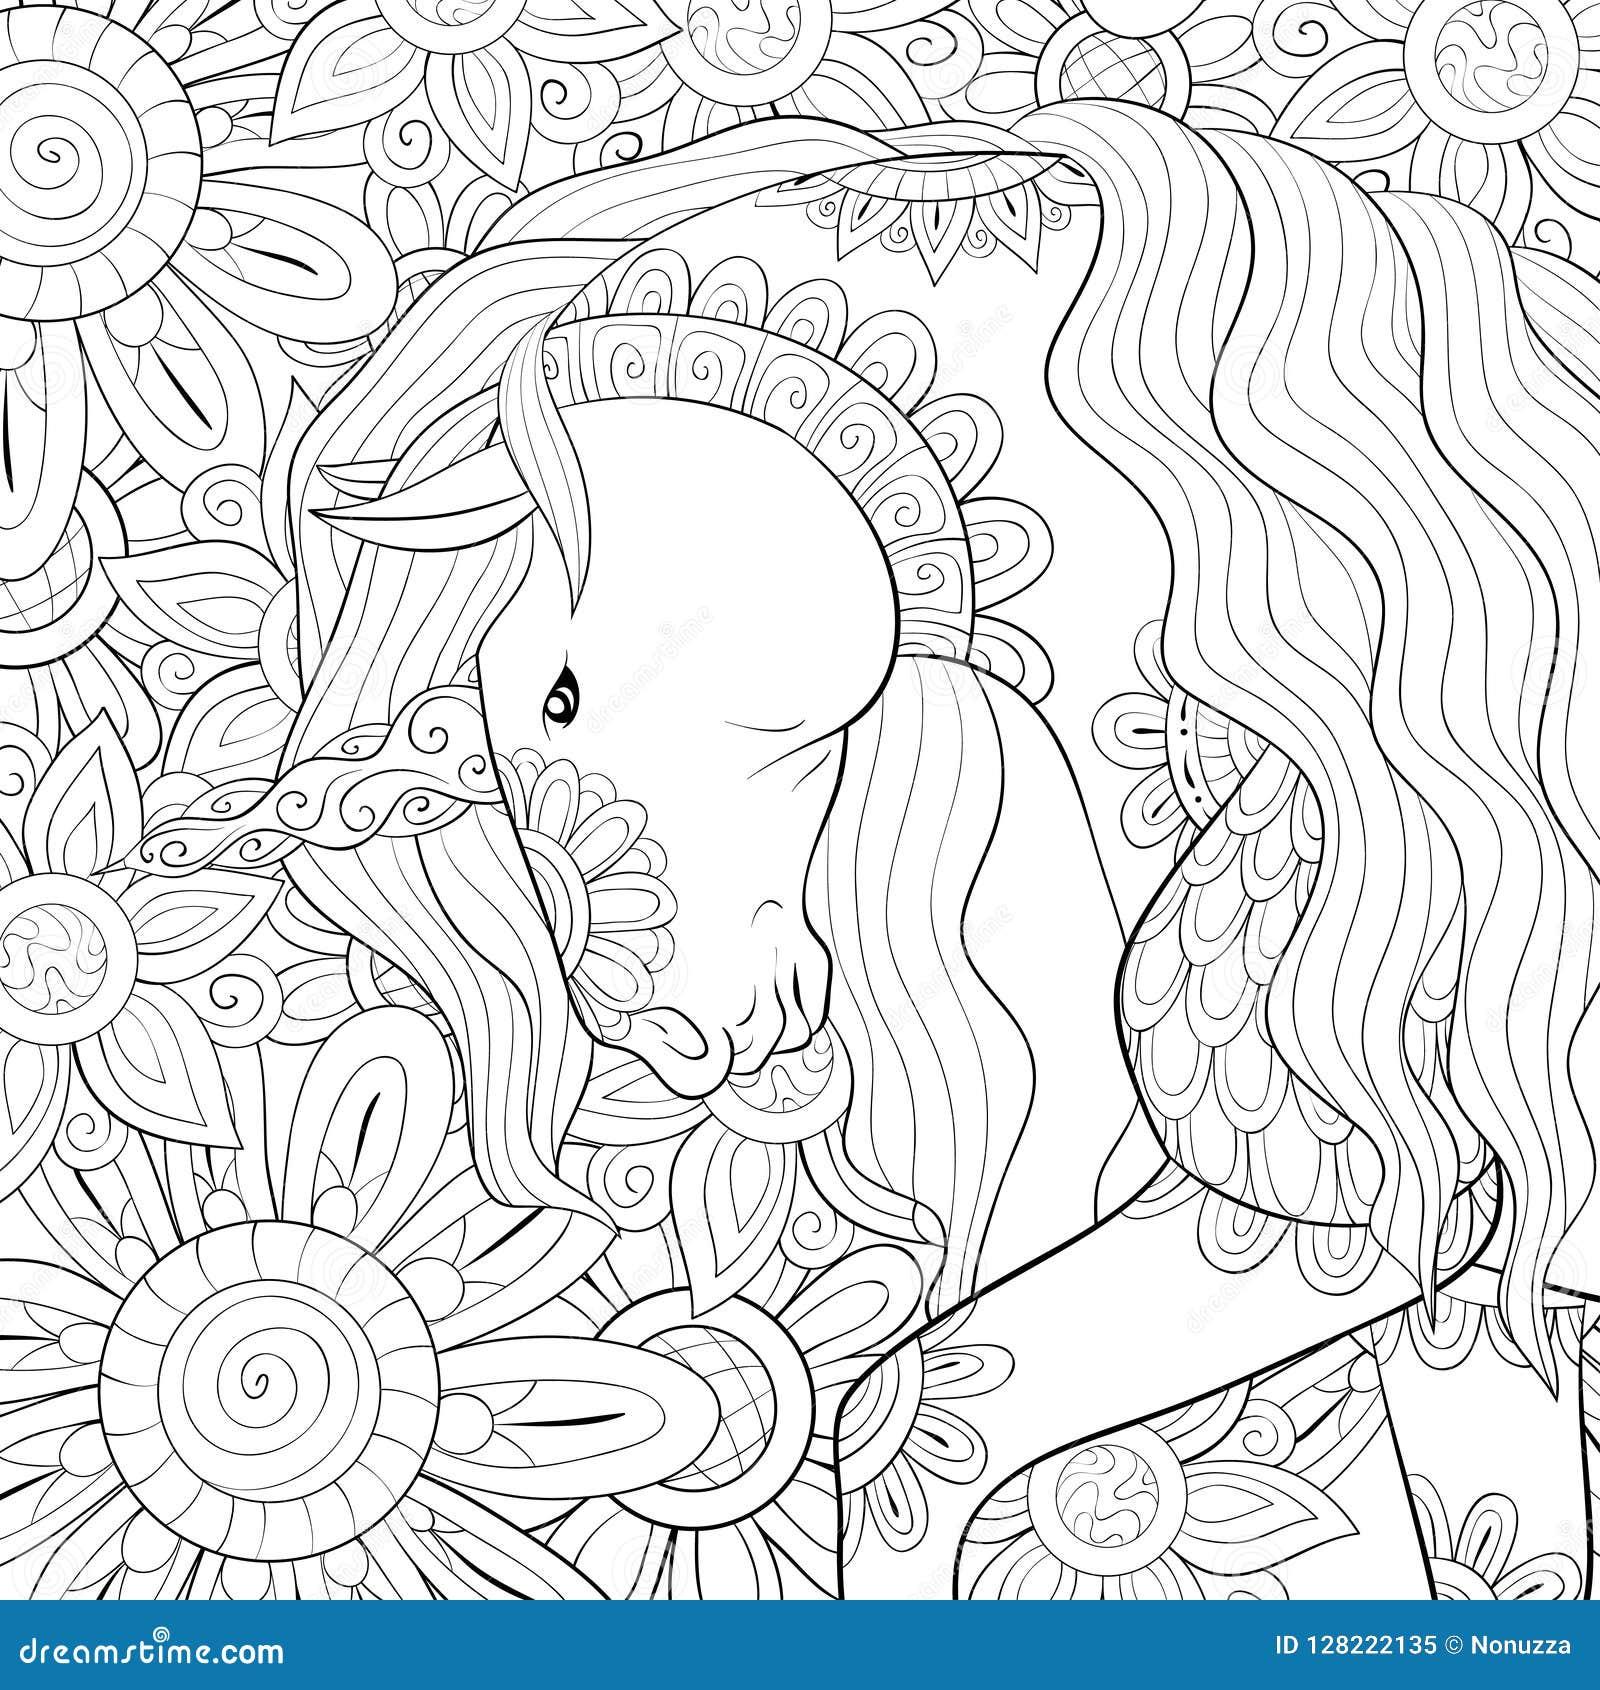 Coloriage Adulte Licorne.Livre De Coloriage Adulte Paginent Une Licorne Sur Le Fond Image